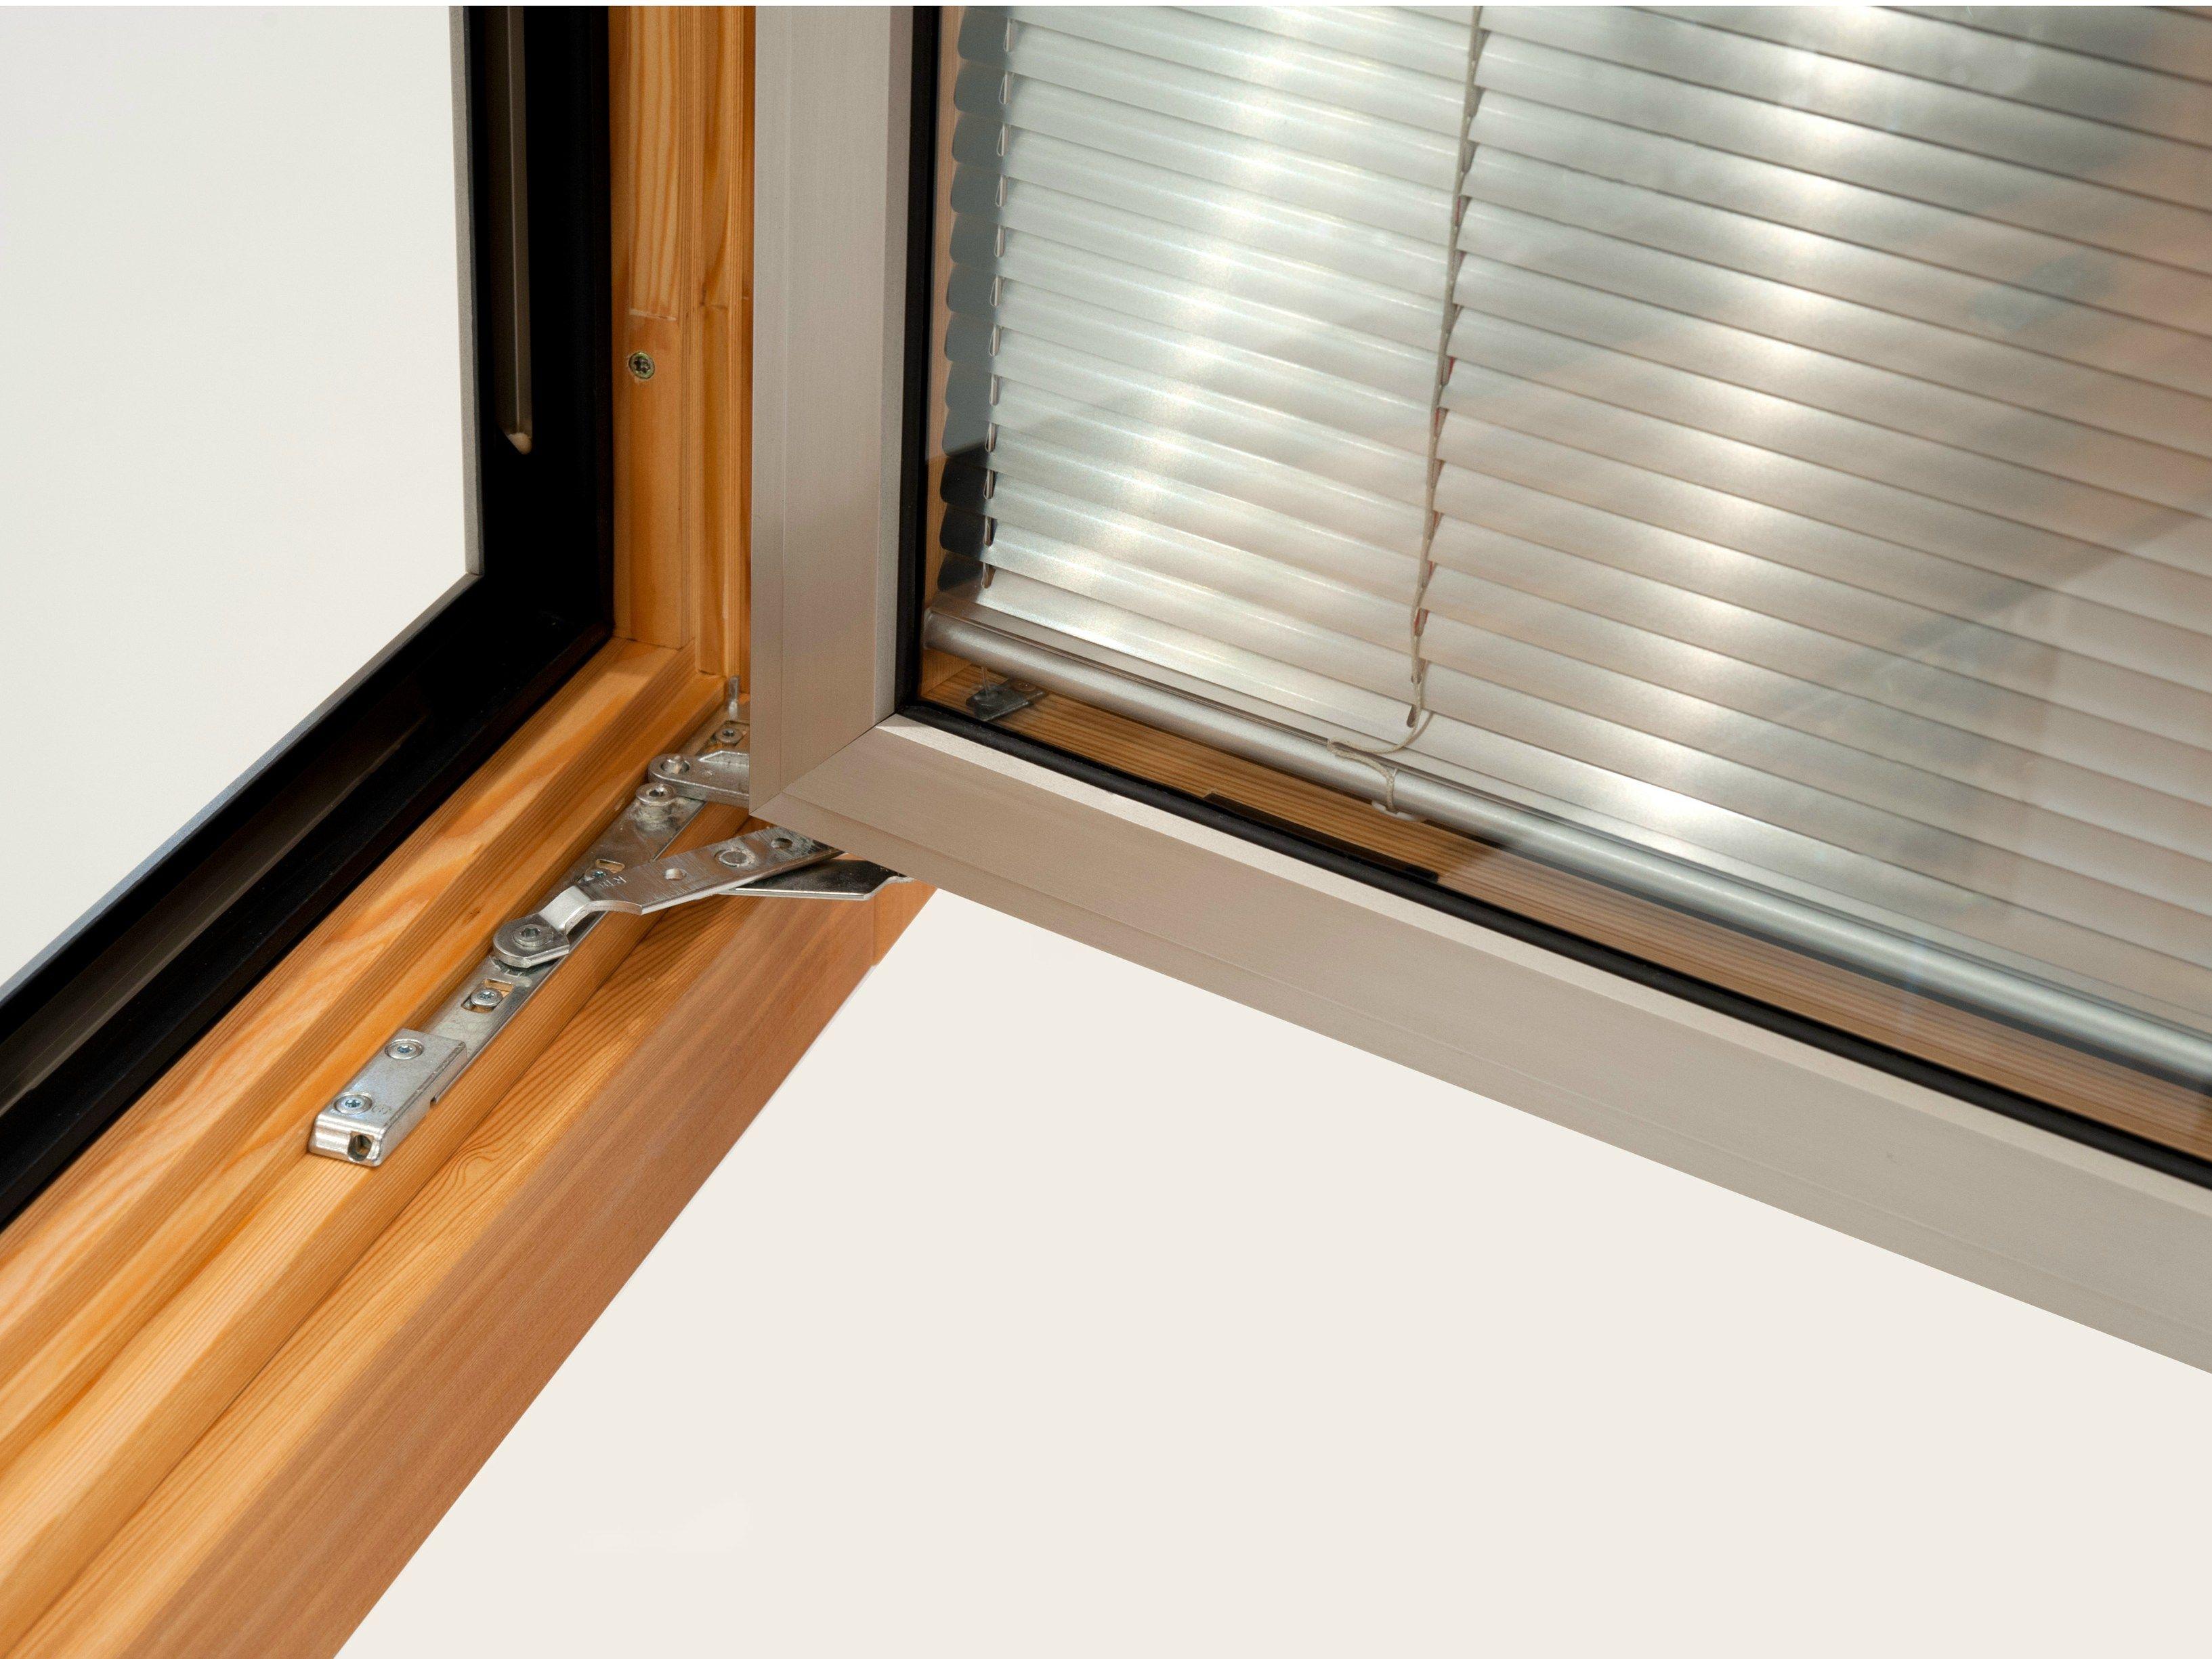 #794618 invólucro janelas janelas janelas de alumínio madeira 1958 Janela De Aluminio Uberaba